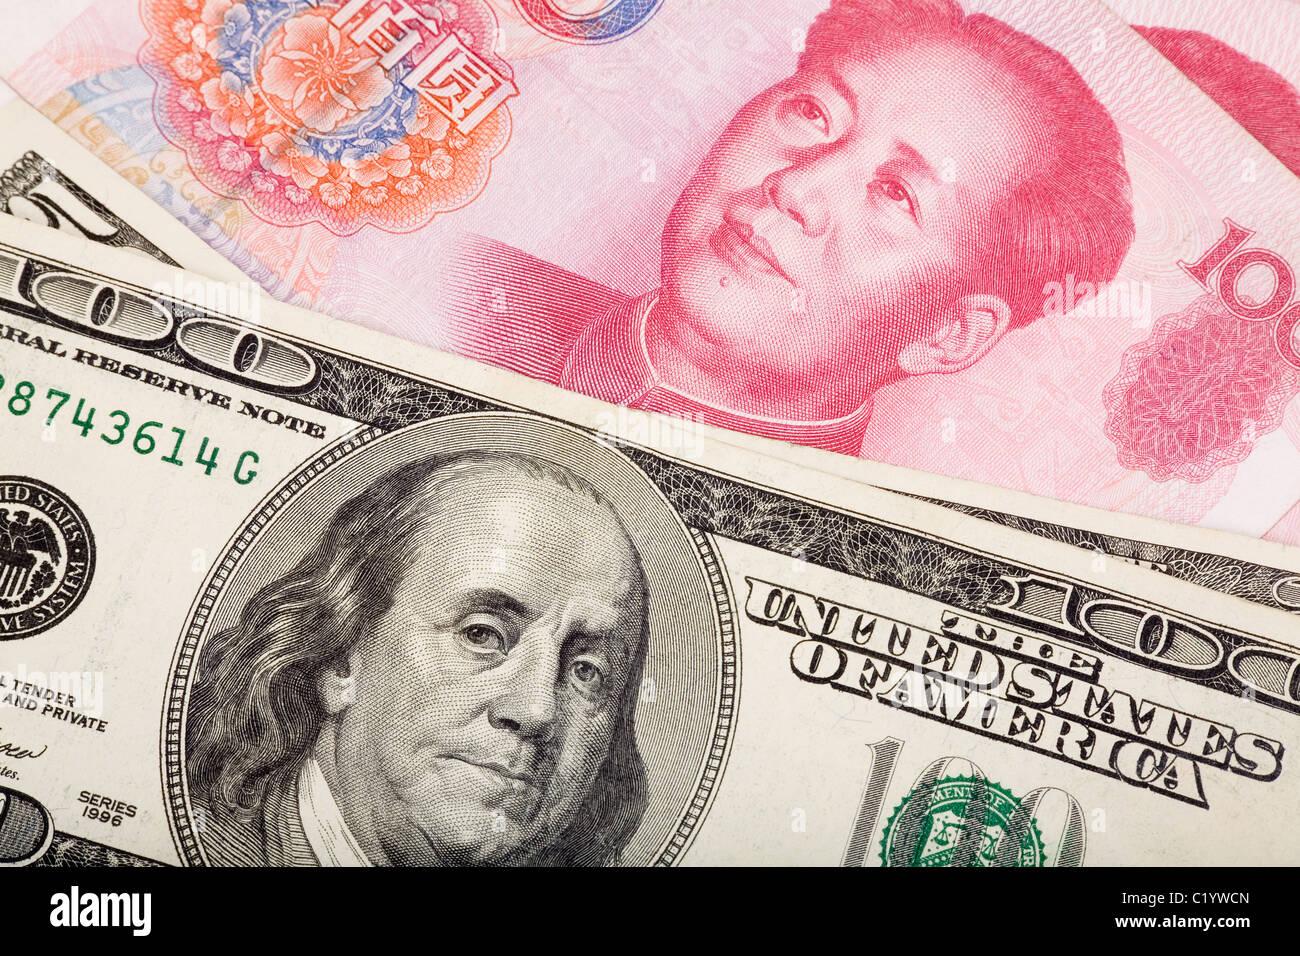 Wechsel der Handelswährung zugunsten Chinas Pakistan erwägt, US-Dollar gegen Yuan-Renminbi austauschen. Bis jetzt wurde der Handel zwischen Pakistan und China in US-Dollar abgewickelt.